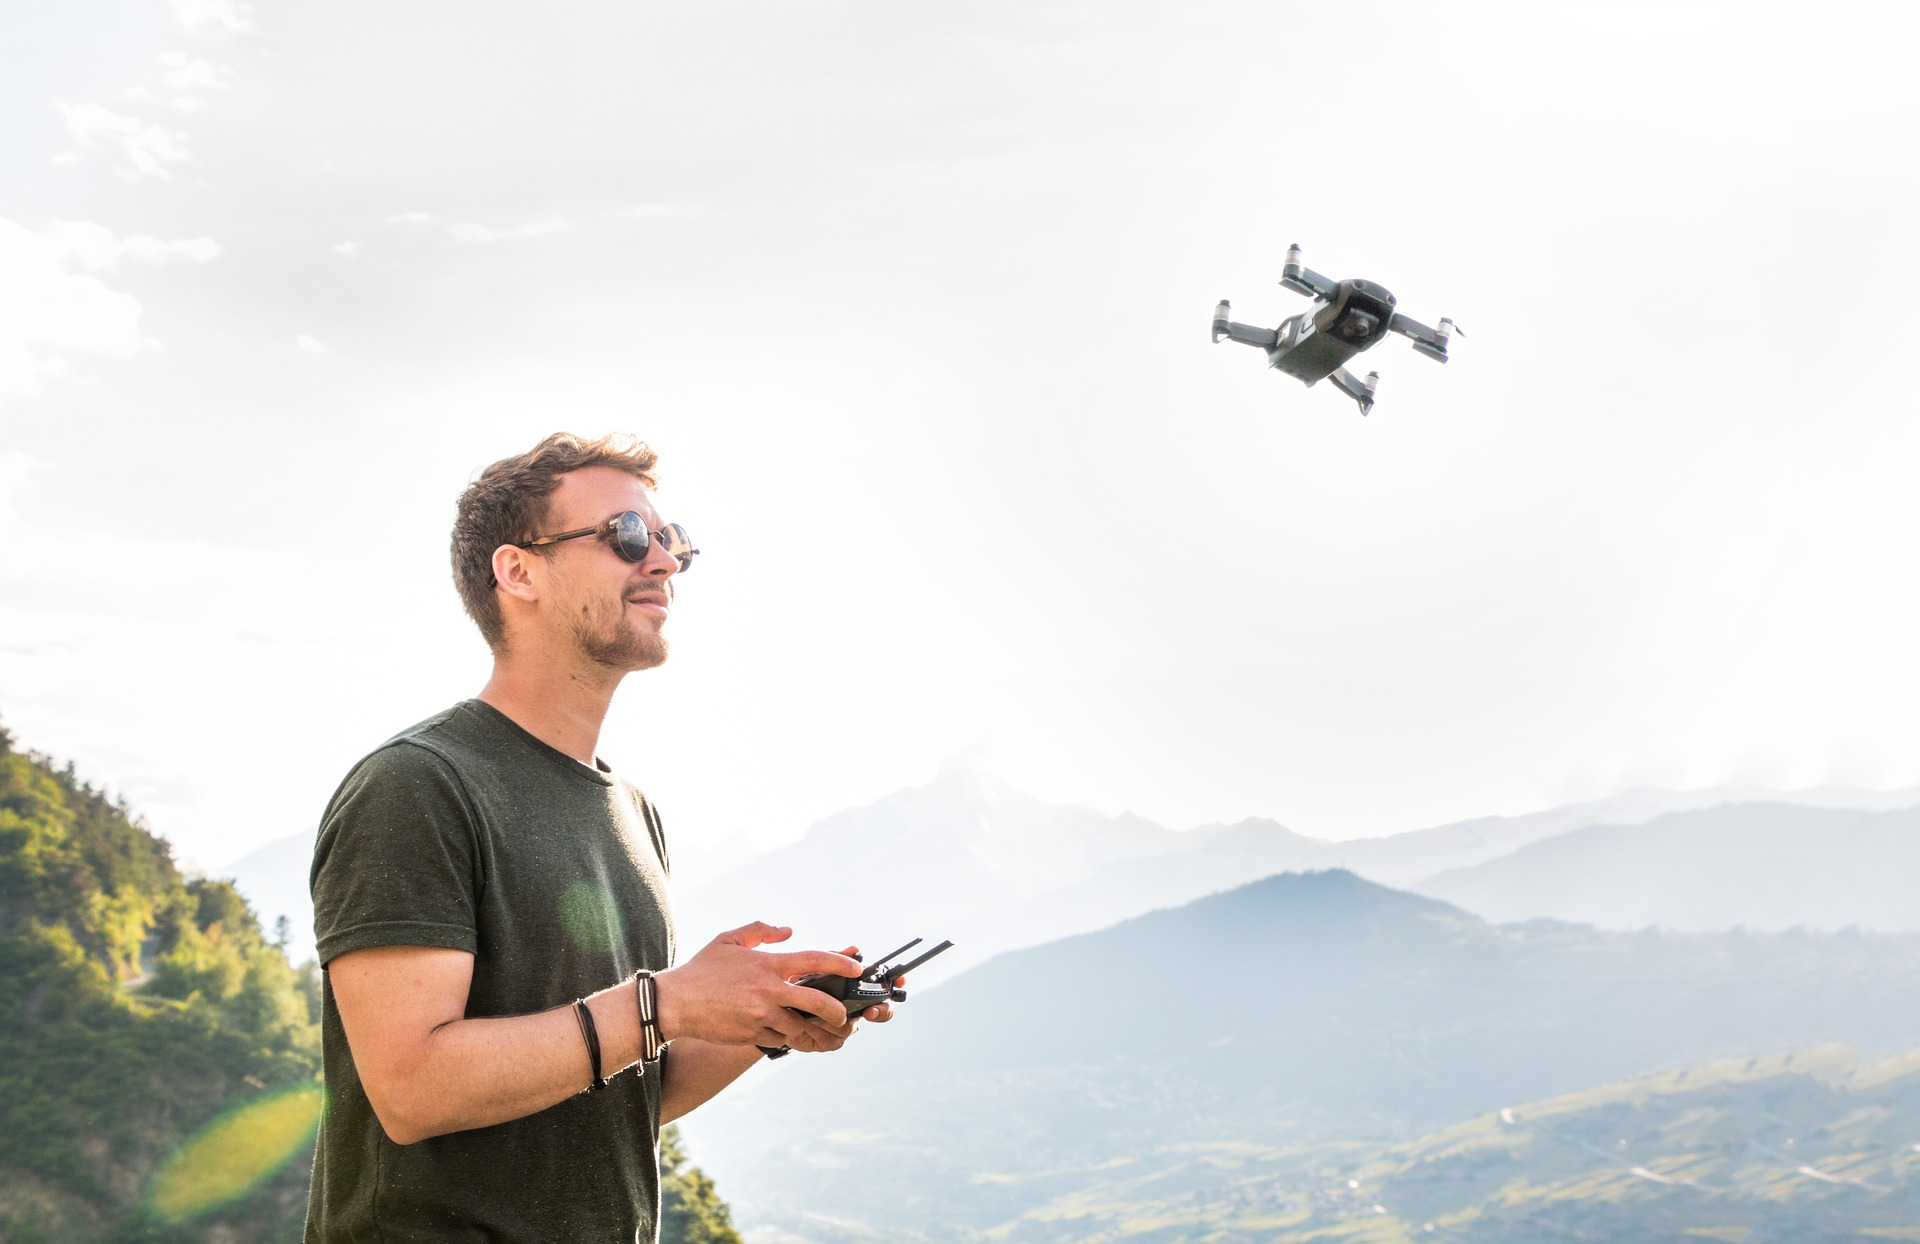 Commercial drone pilot